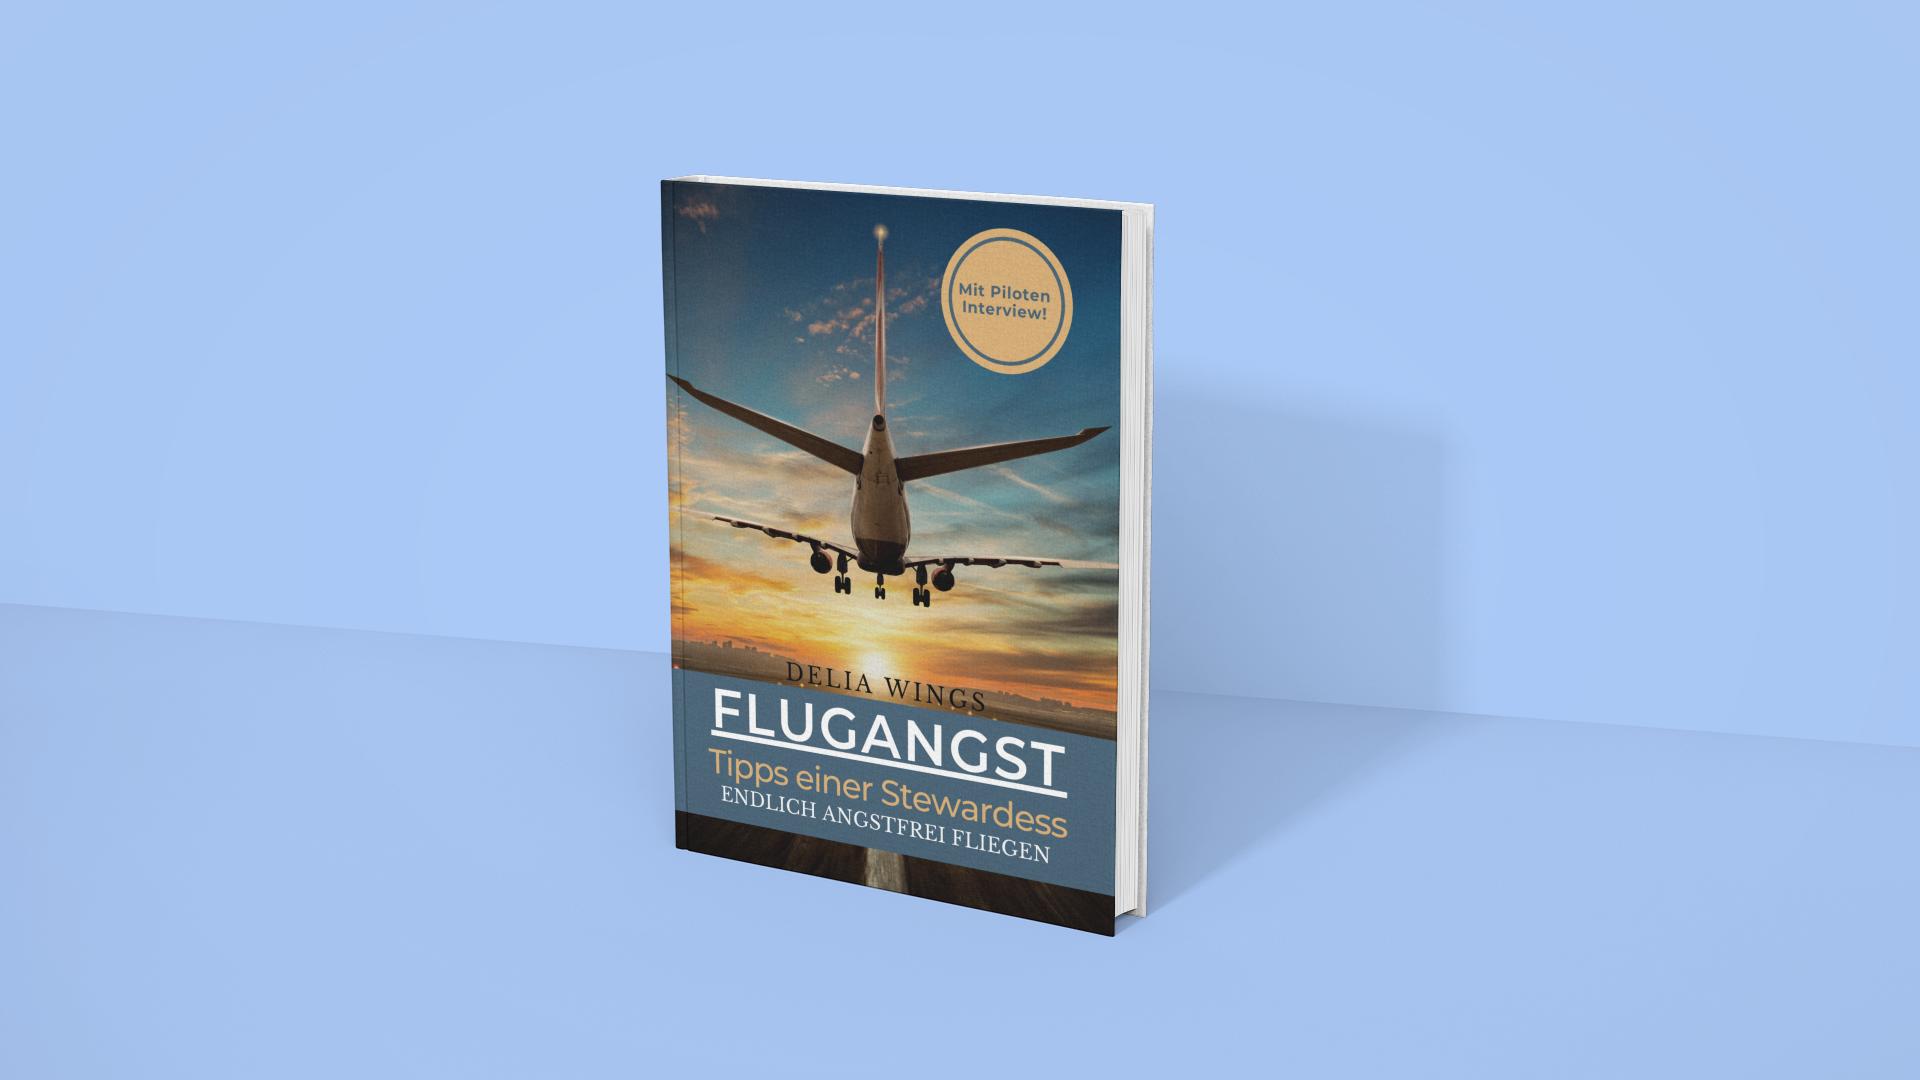 Flugangst Buch einer Stewardess